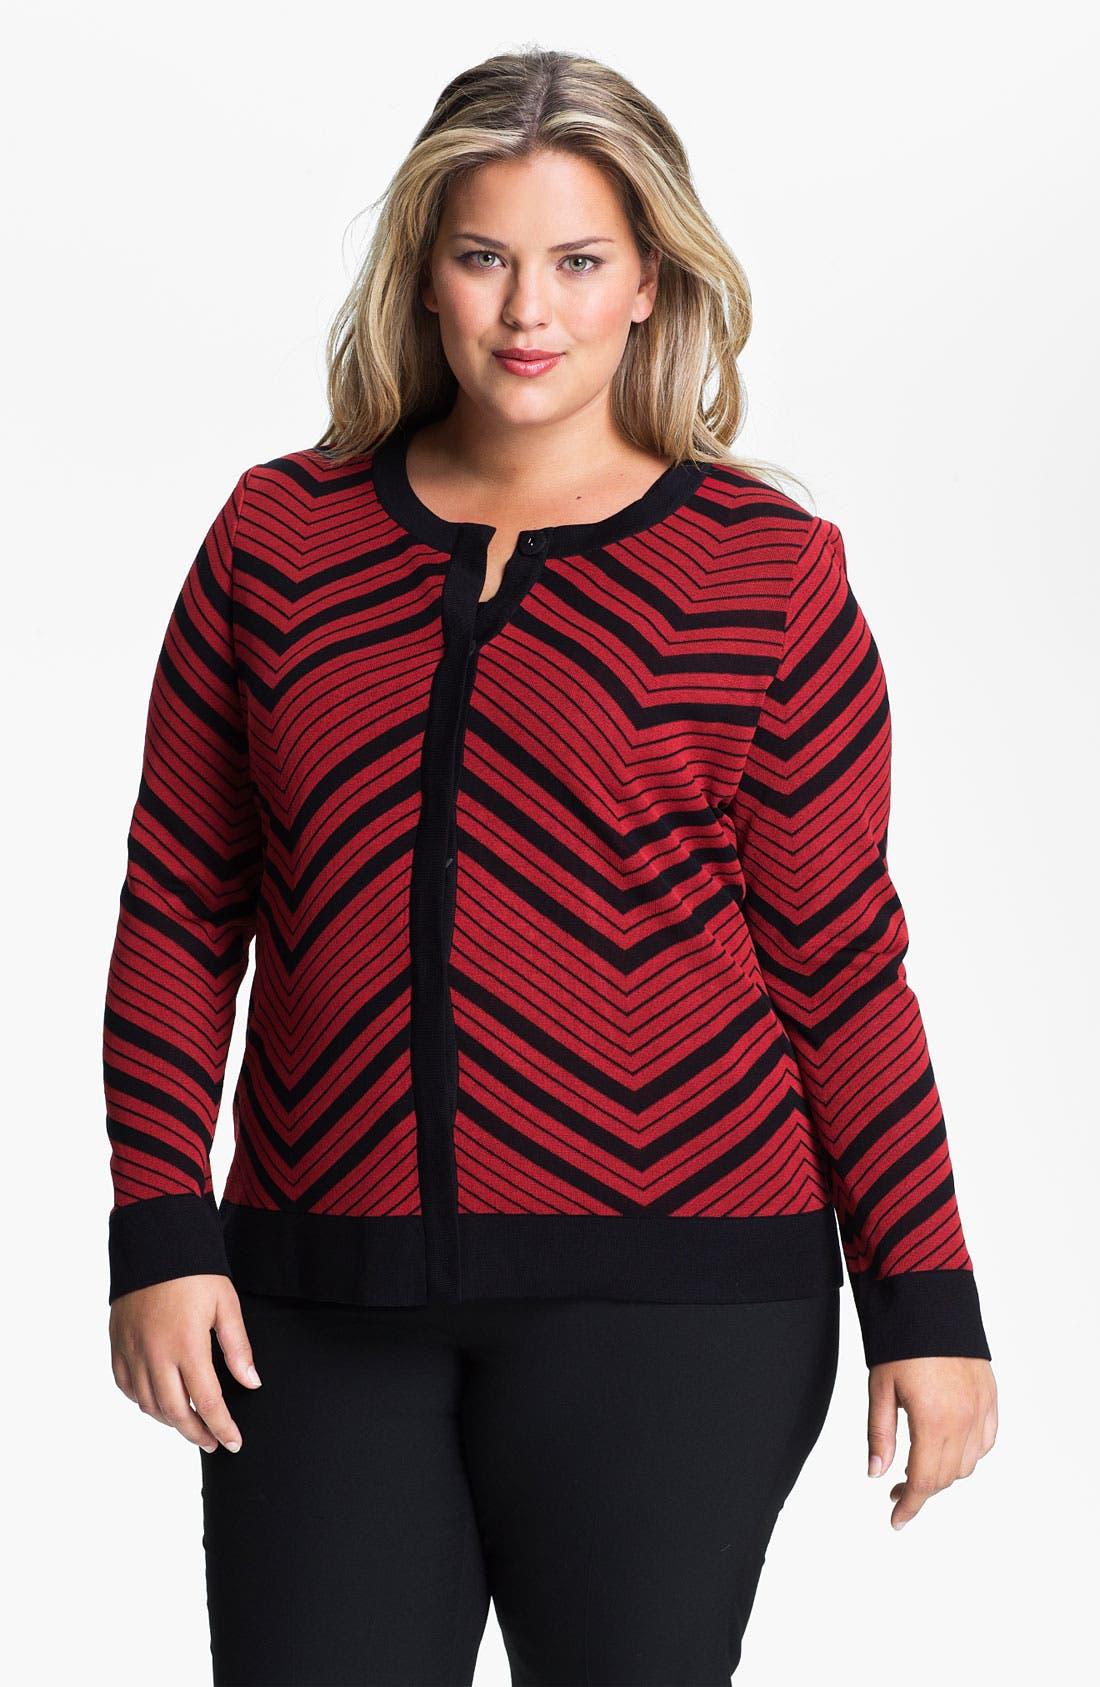 Alternate Image 1 Selected - Exclusively Misook Jewel Neck Herringbone Pattern Jacket (Plus)